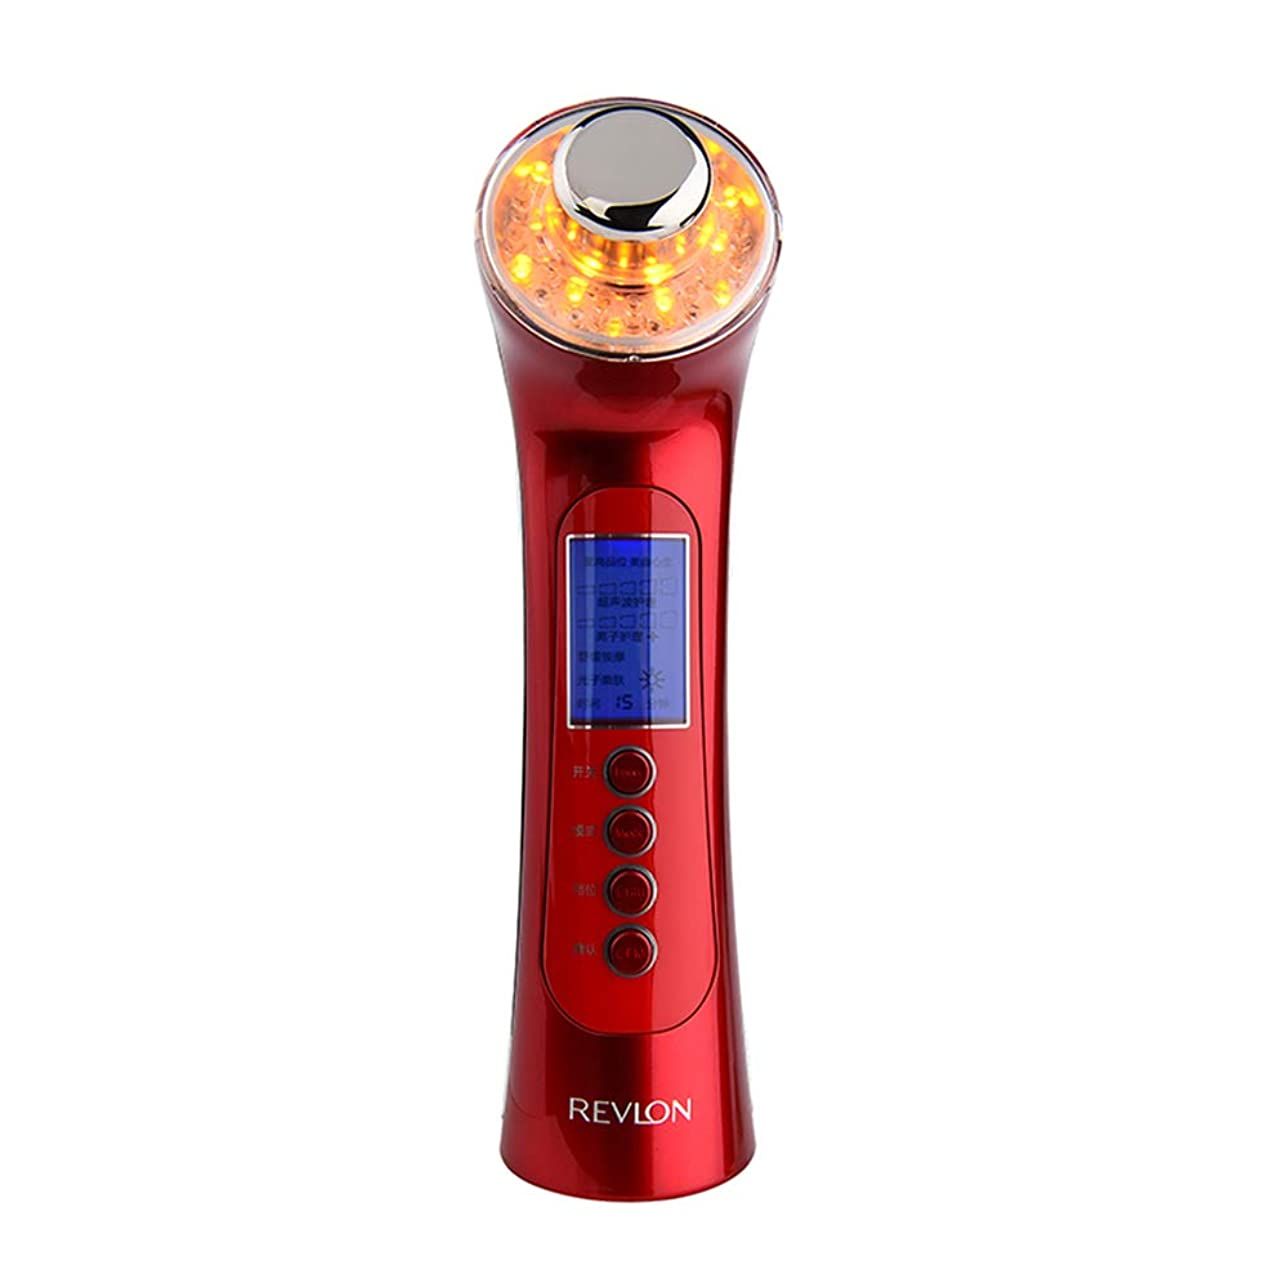 弱めるハプニング地図肌を引き締め機、5に1で5洗顔マッサージマッサージマッサージャーで3色ライトディープクレンジングアンチエイジング多機能振動美容機器